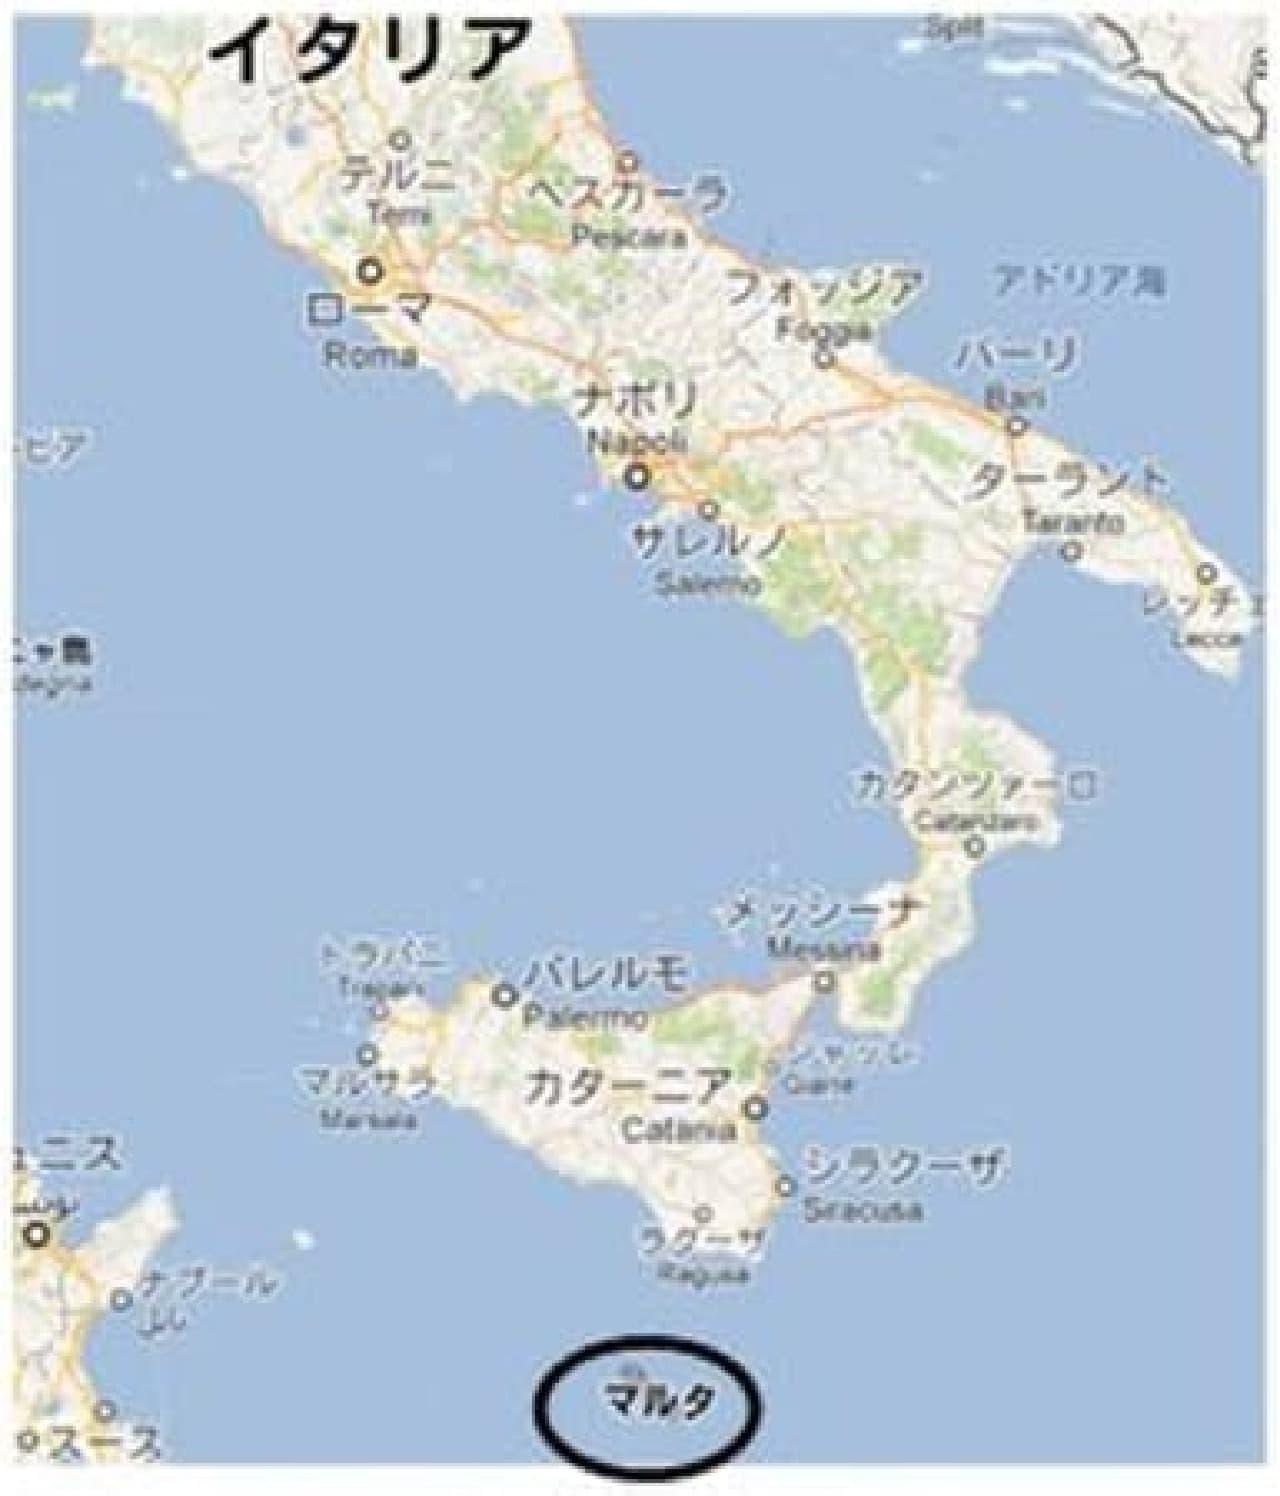 マルタ共和国は、ここにある